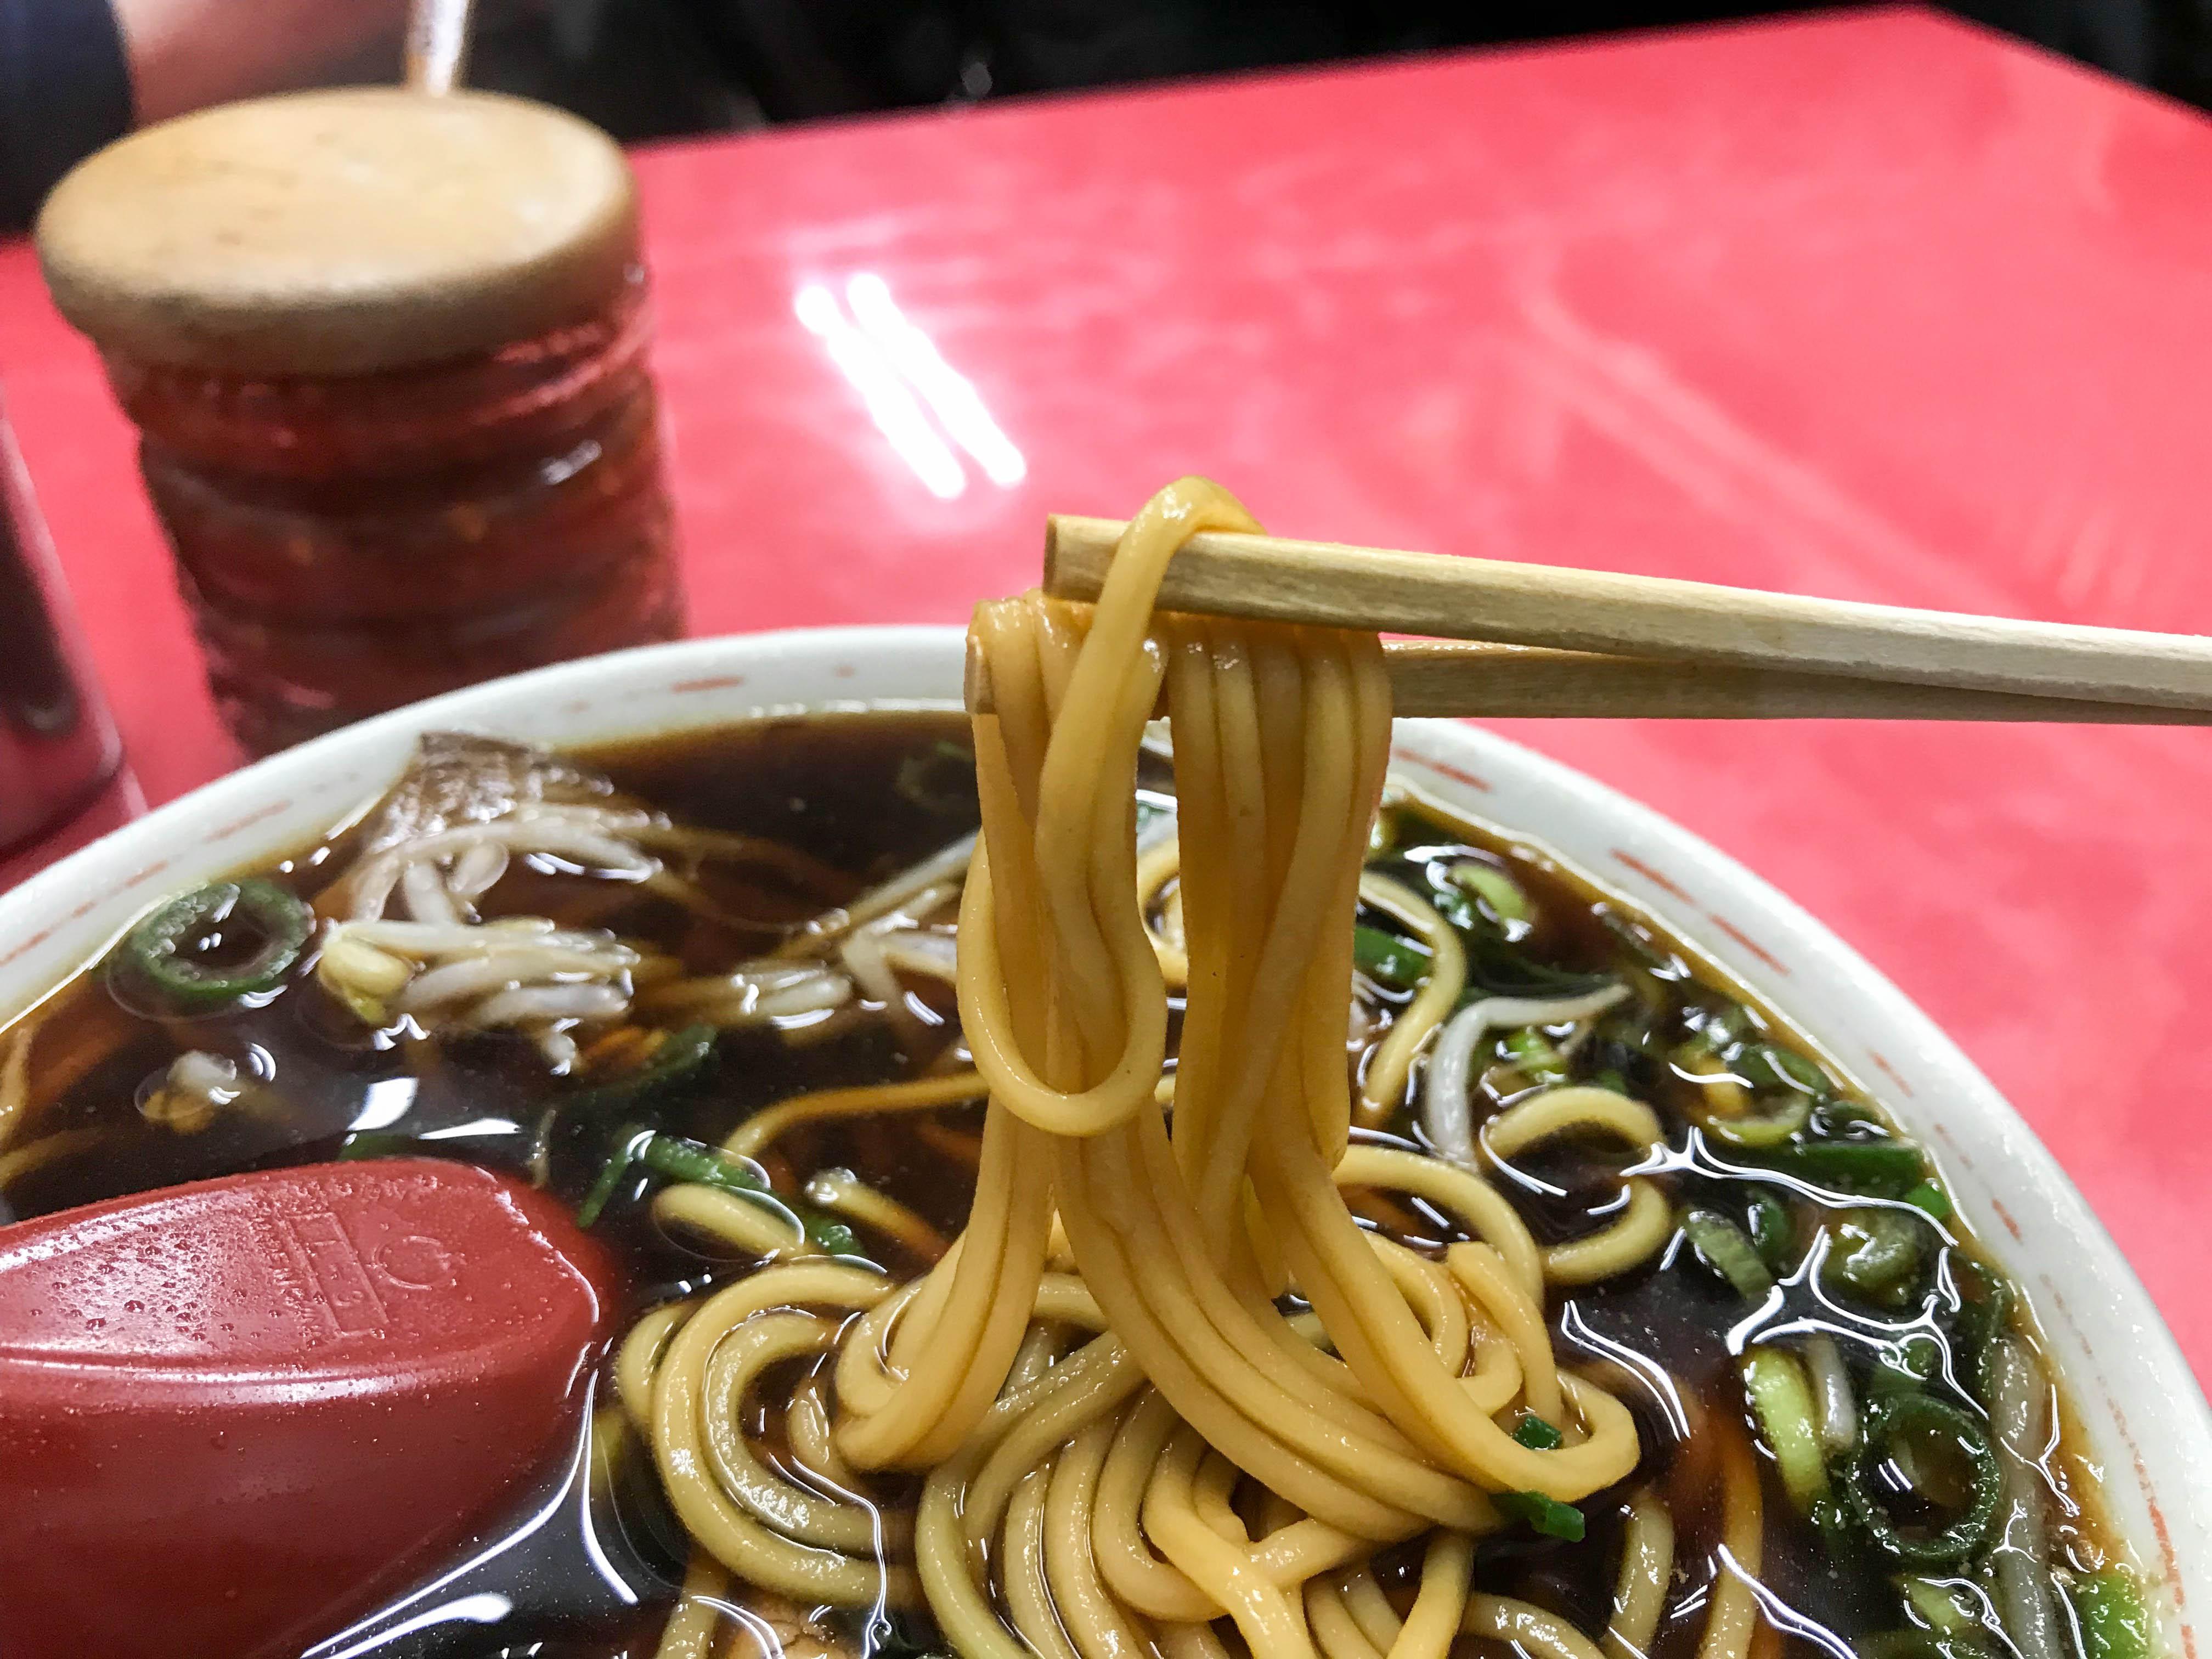 新福菜館本店(京都市下京区東塩小路向畑町)の中華そば。京都のラーメンはやっぱりここを外せない!ヤキメシも食べなあきまへんでー。